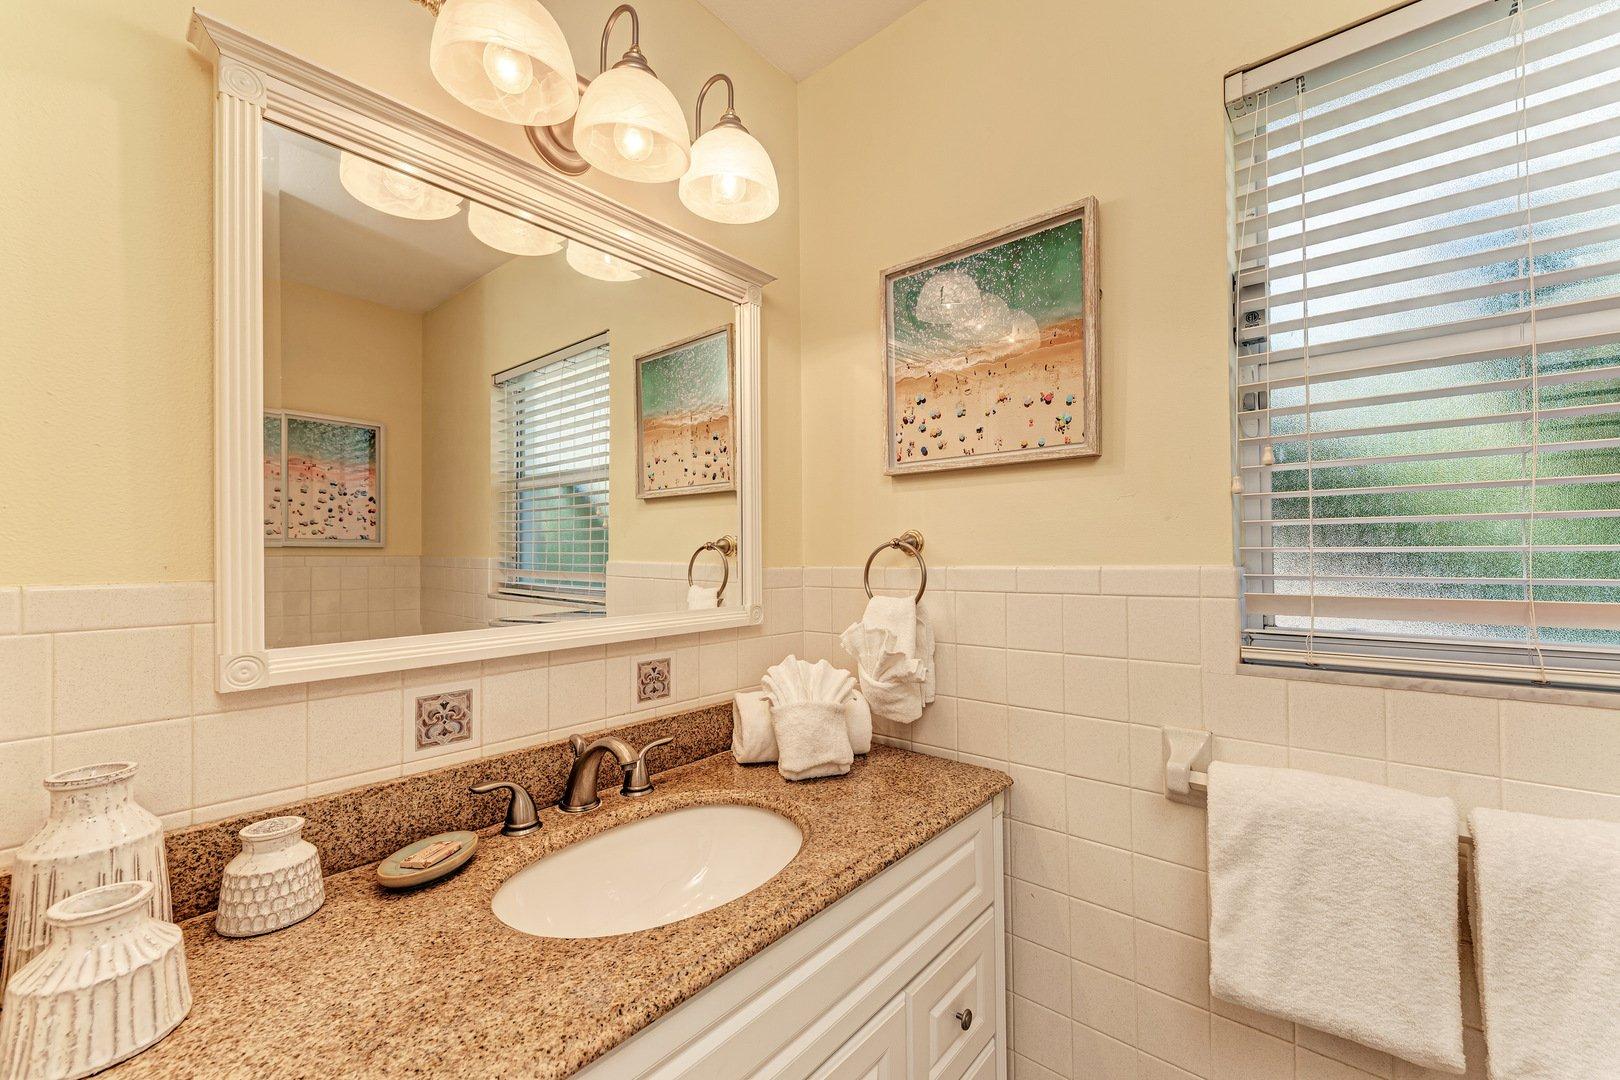 Mermaids & Manatees master bathroom vanity